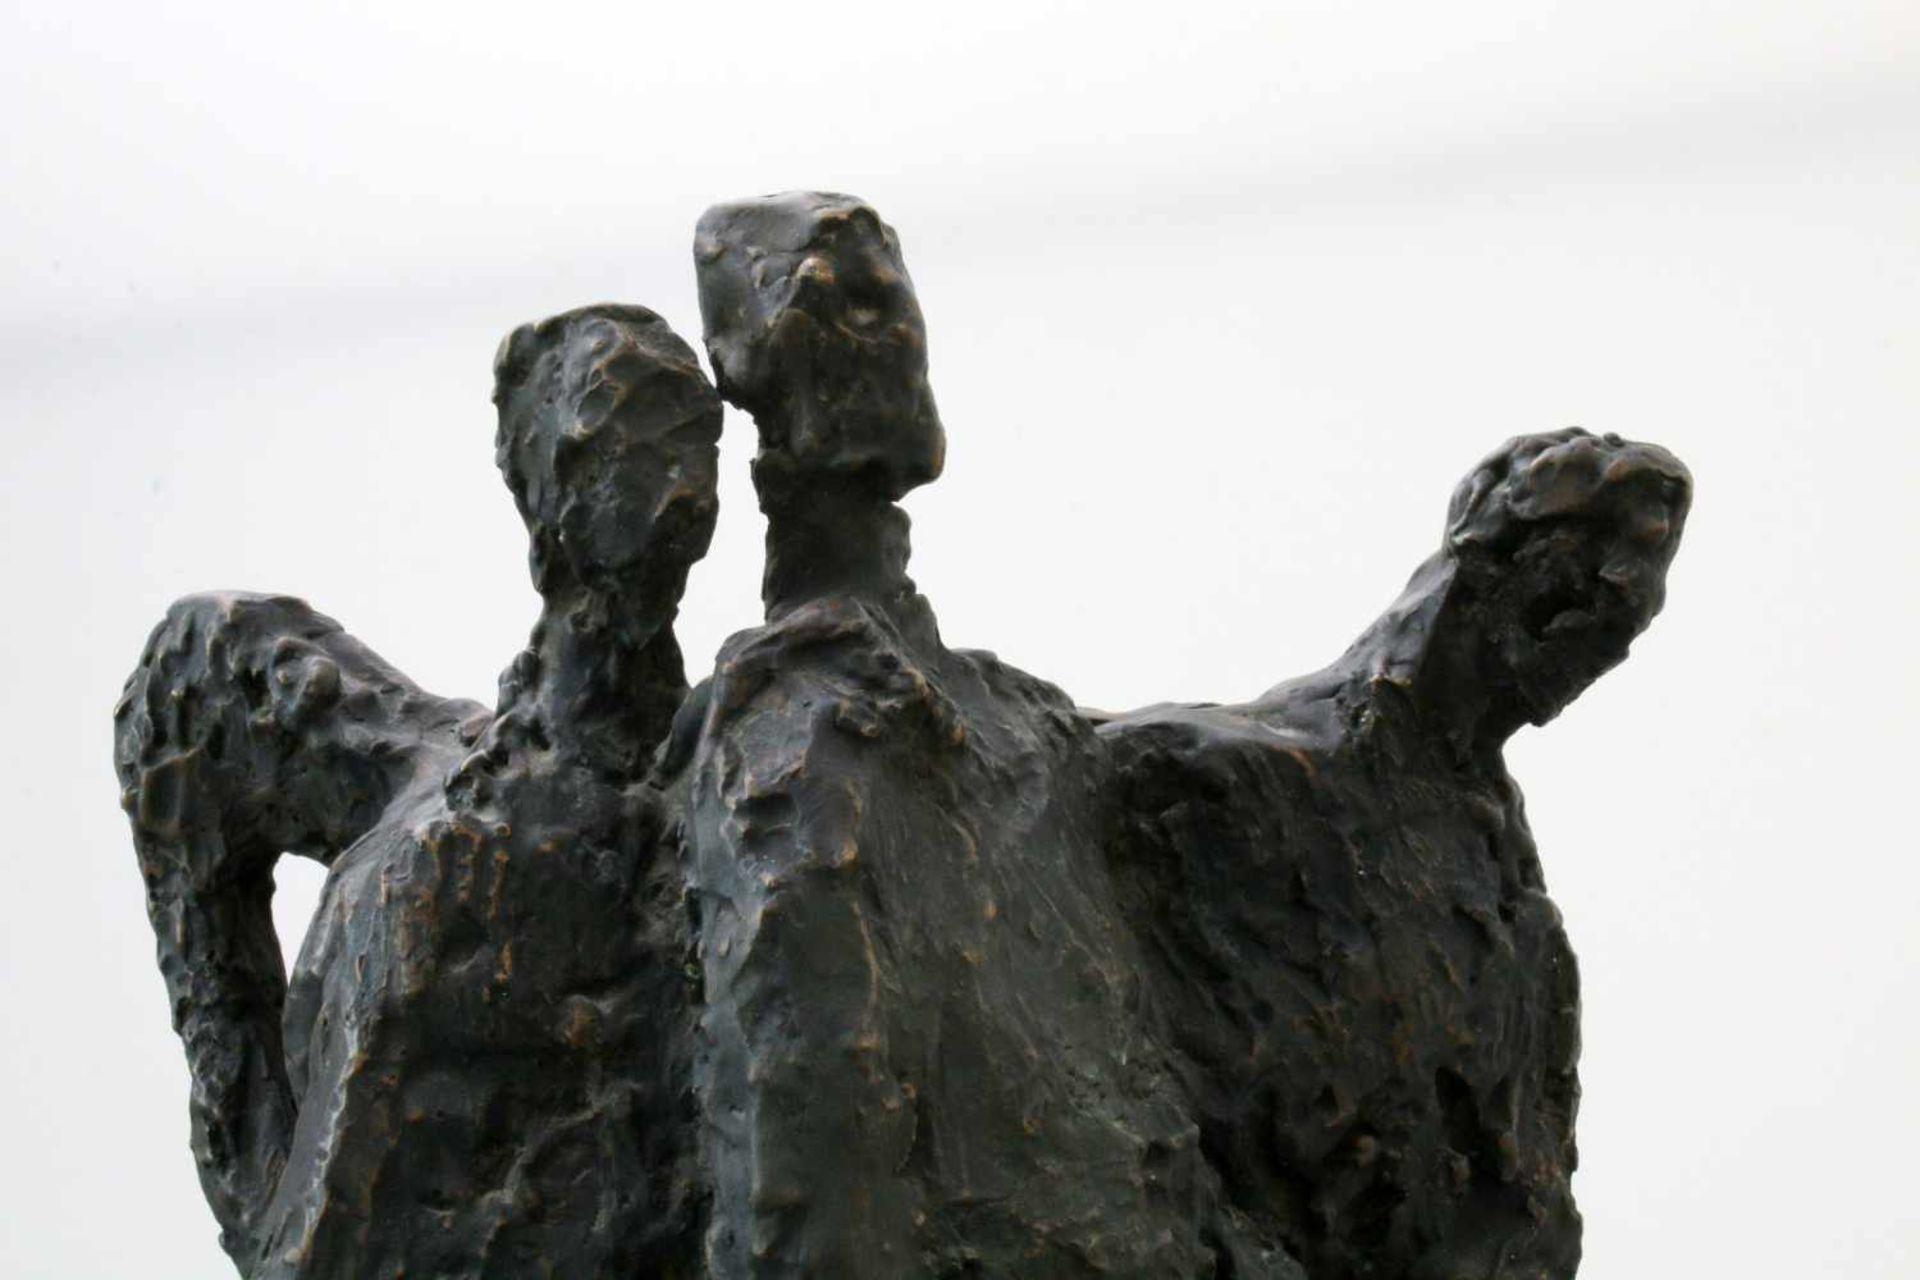 """Expressionistische Skulptur - """"4 Männer"""" - Markus Delago (*1964) Schwere, große Figurengruppe im - Bild 5 aus 6"""